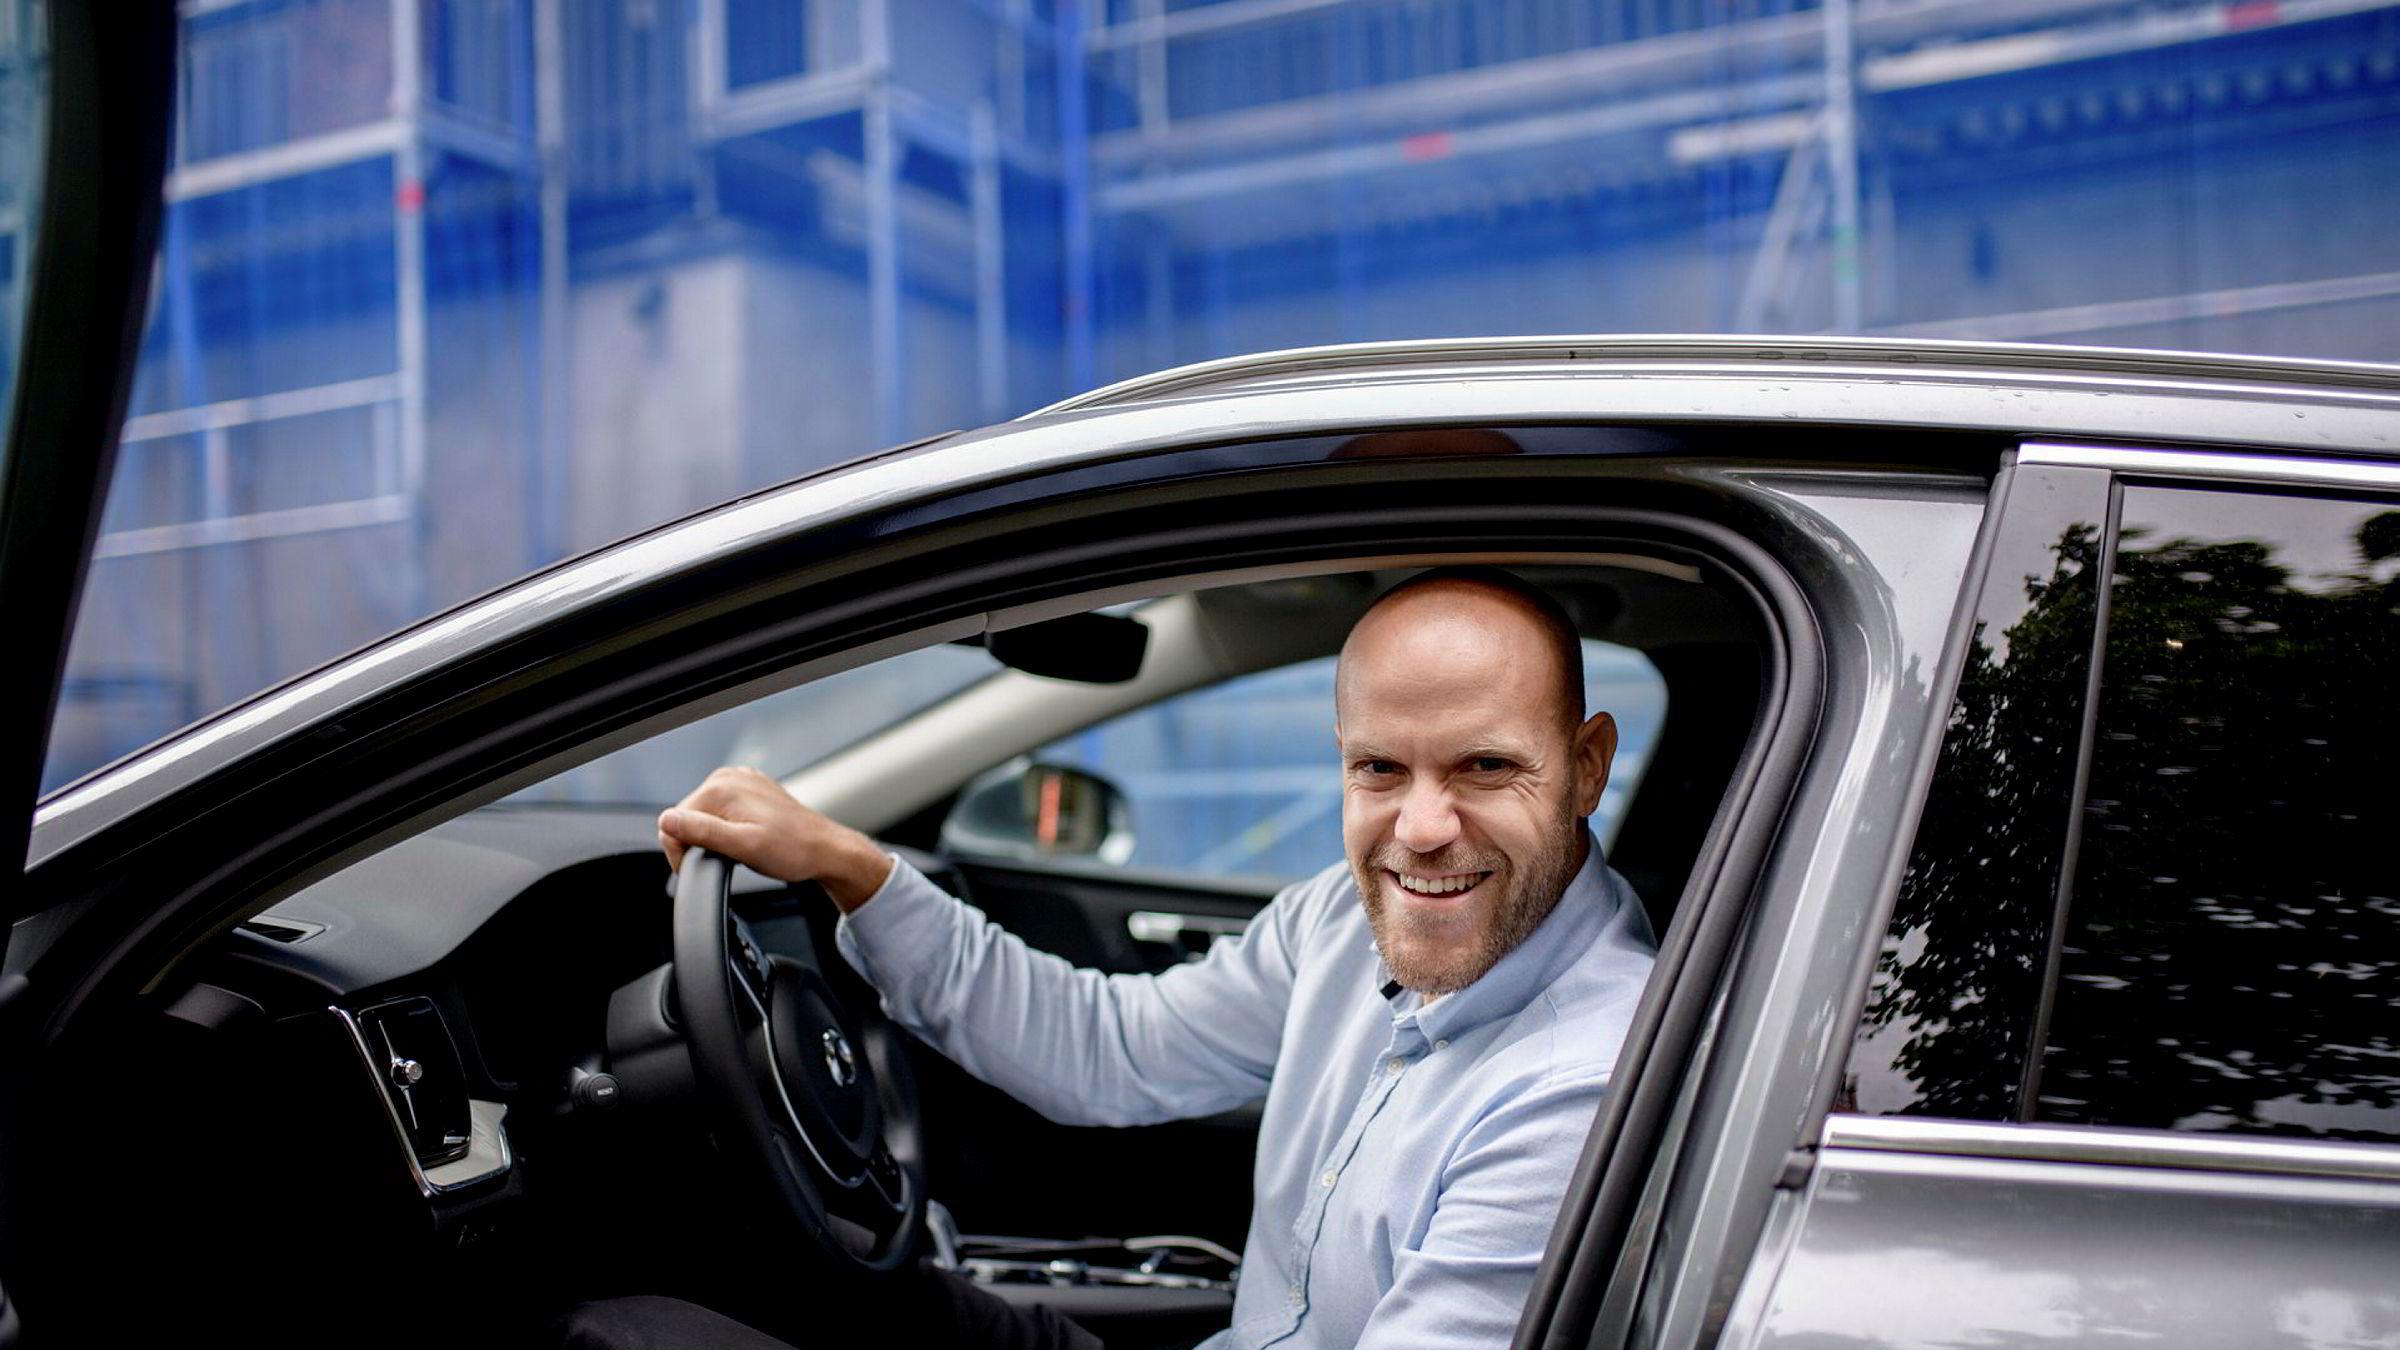 Anders Espelund er daglig leder og gründer i bruktbiltjenesten Nettbil. Selskapet har hatt rask vekst det siste året og har i løpet av 2019 solgt over 3000 biler.